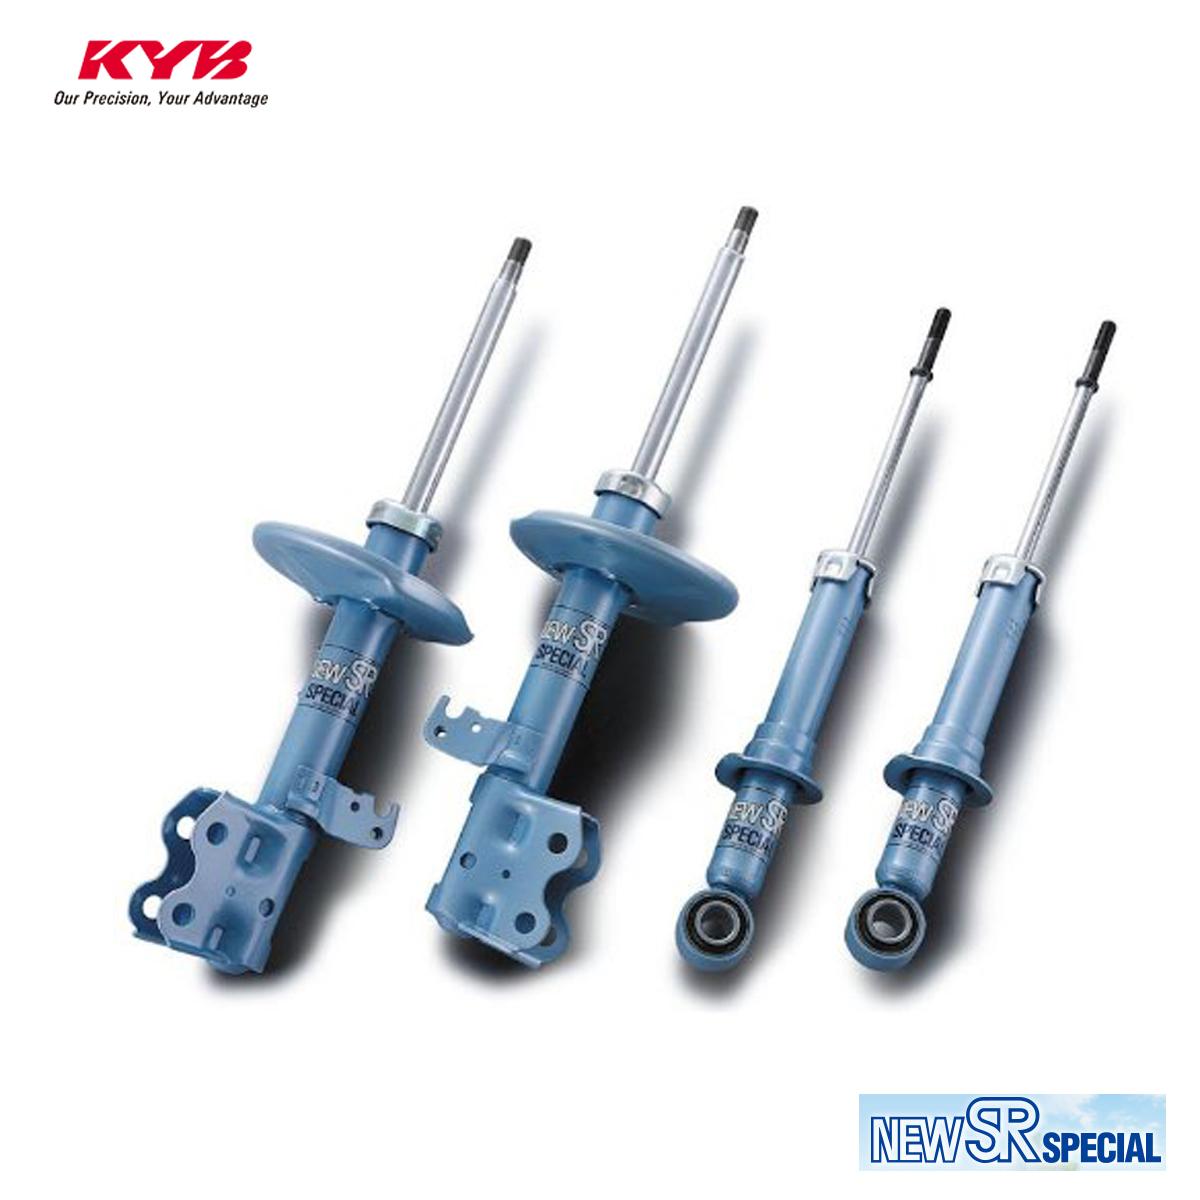 KYB カヤバ アルト CM11V ショックアブソーバー フロント 右用 1本 NEW SR SPECIAL NST8006R 配送先条件有り